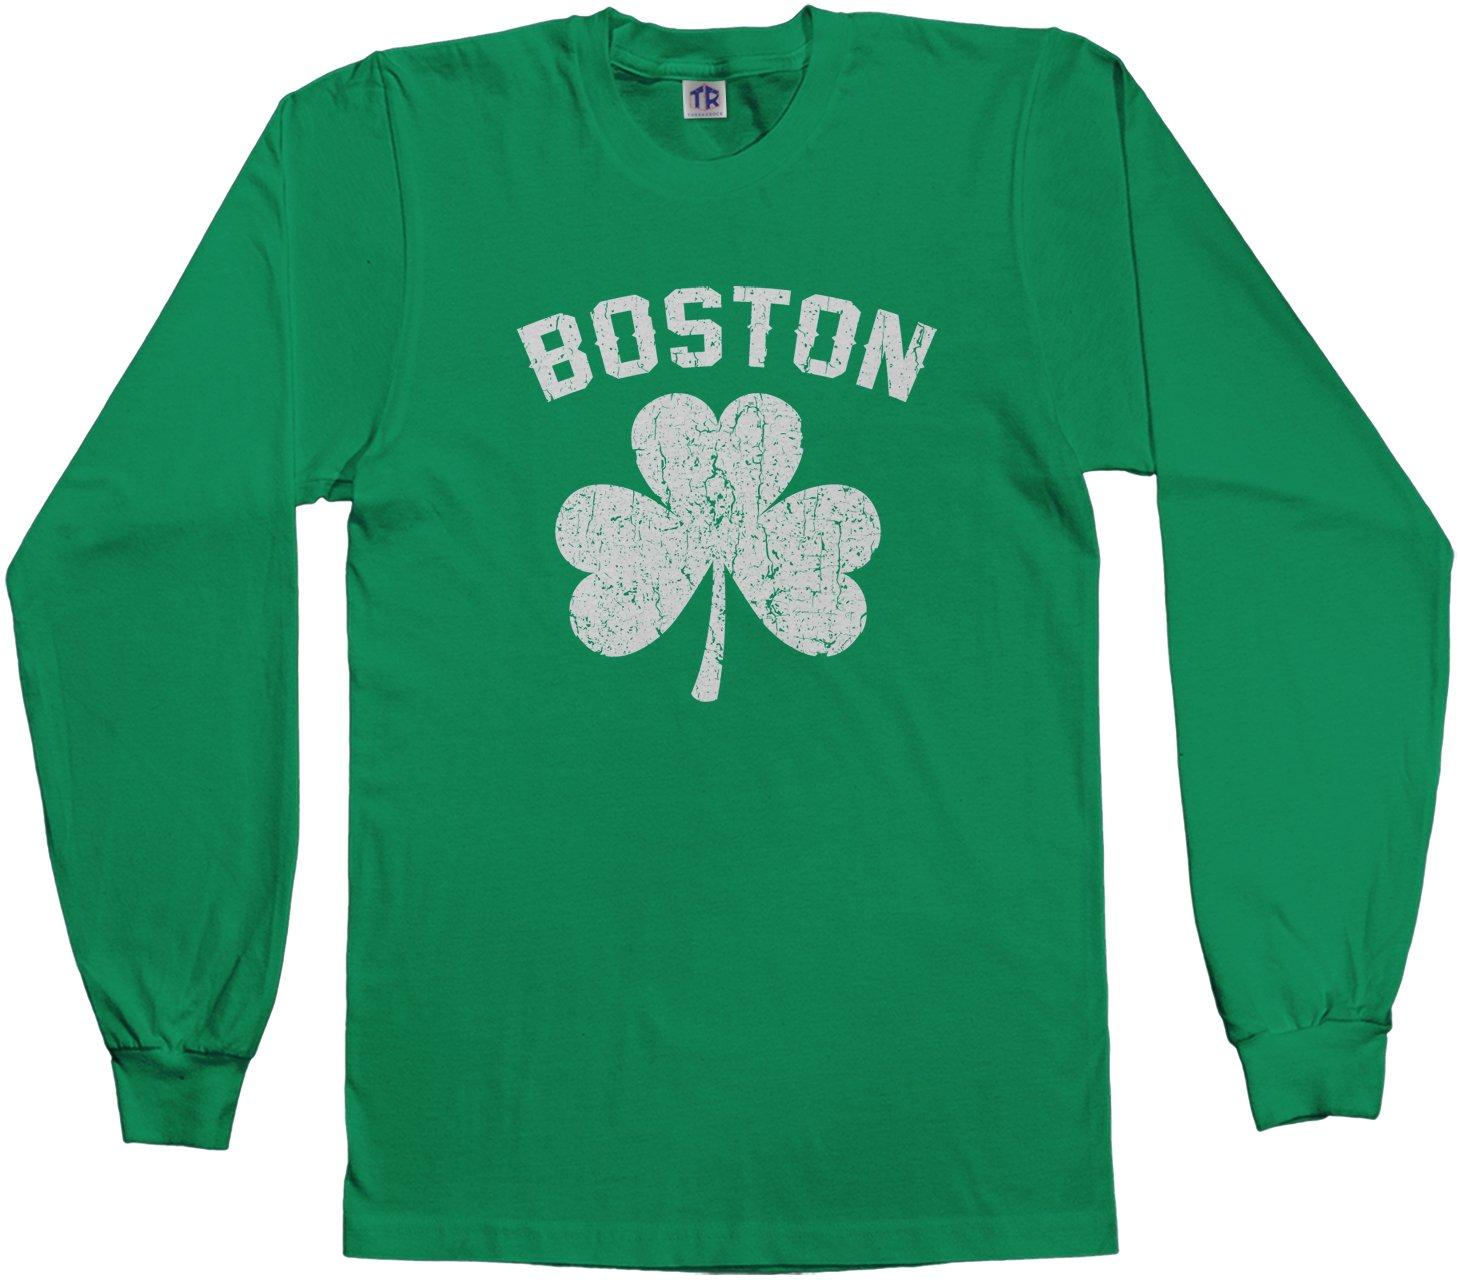 Big Boston Shamrock Irish Pride L S T Shirt 3998